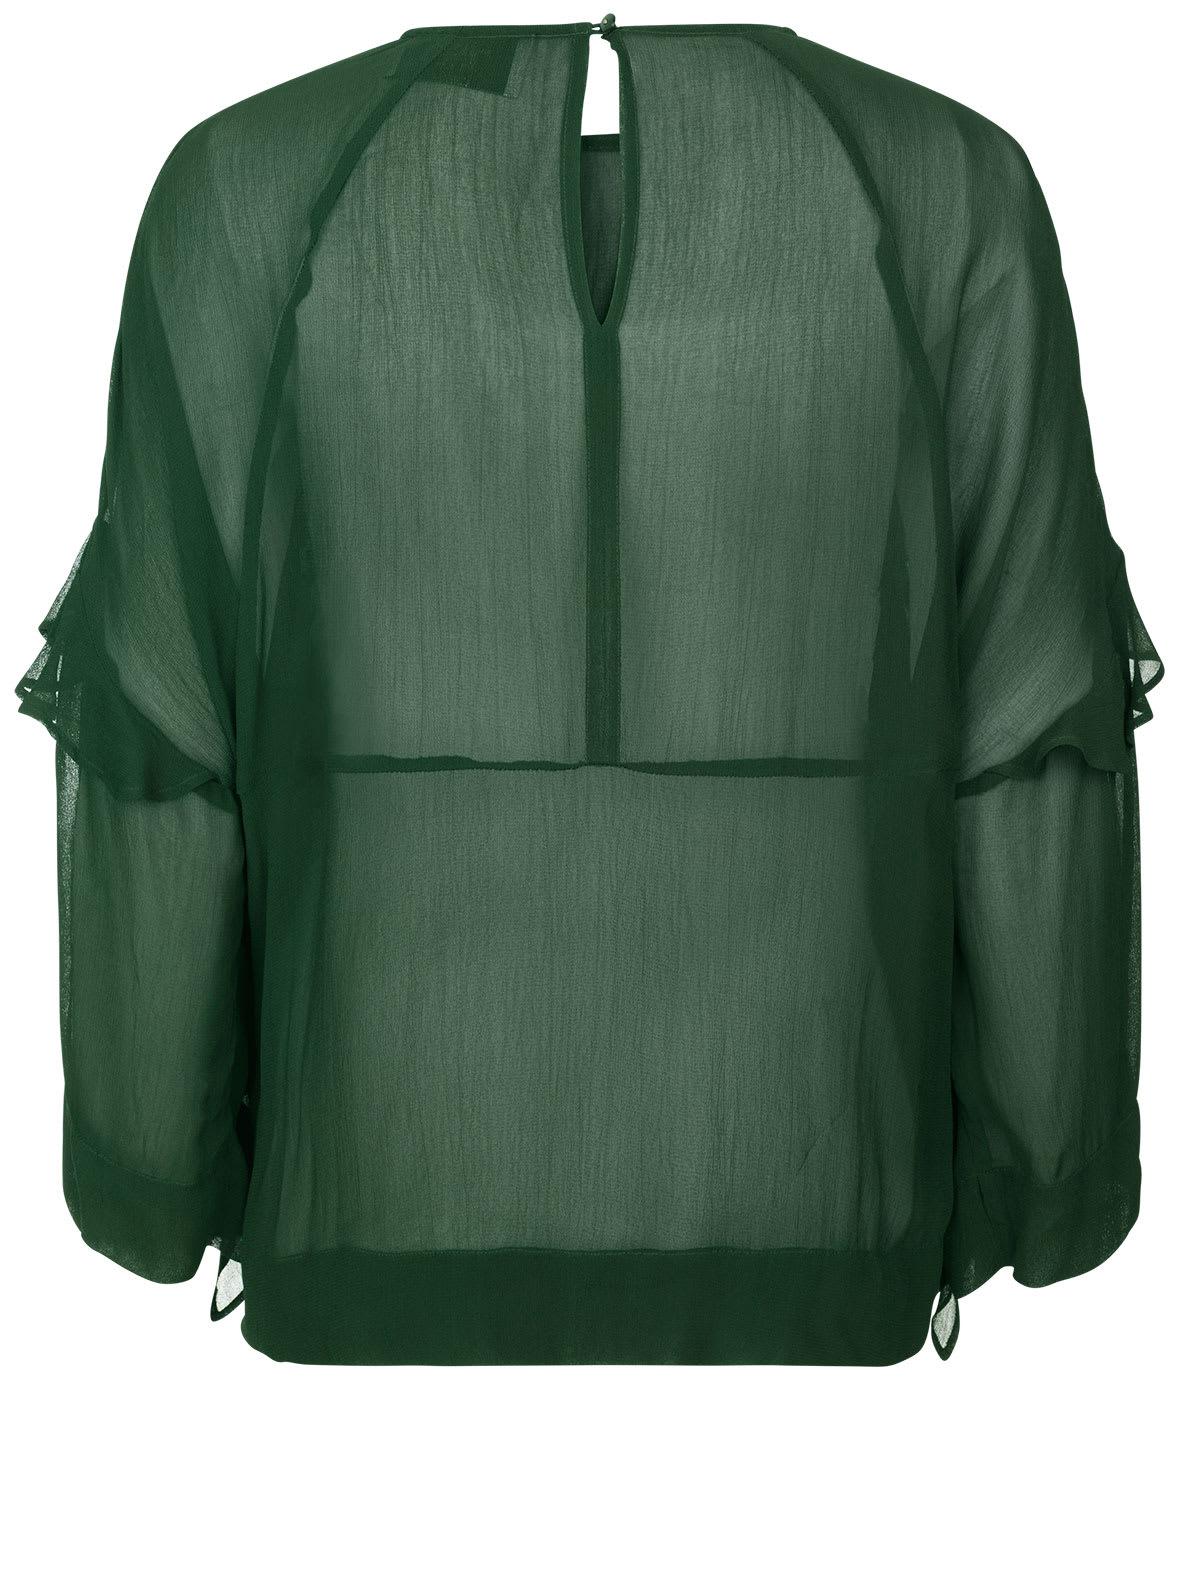 Munthe Green Veil Ruffle Top